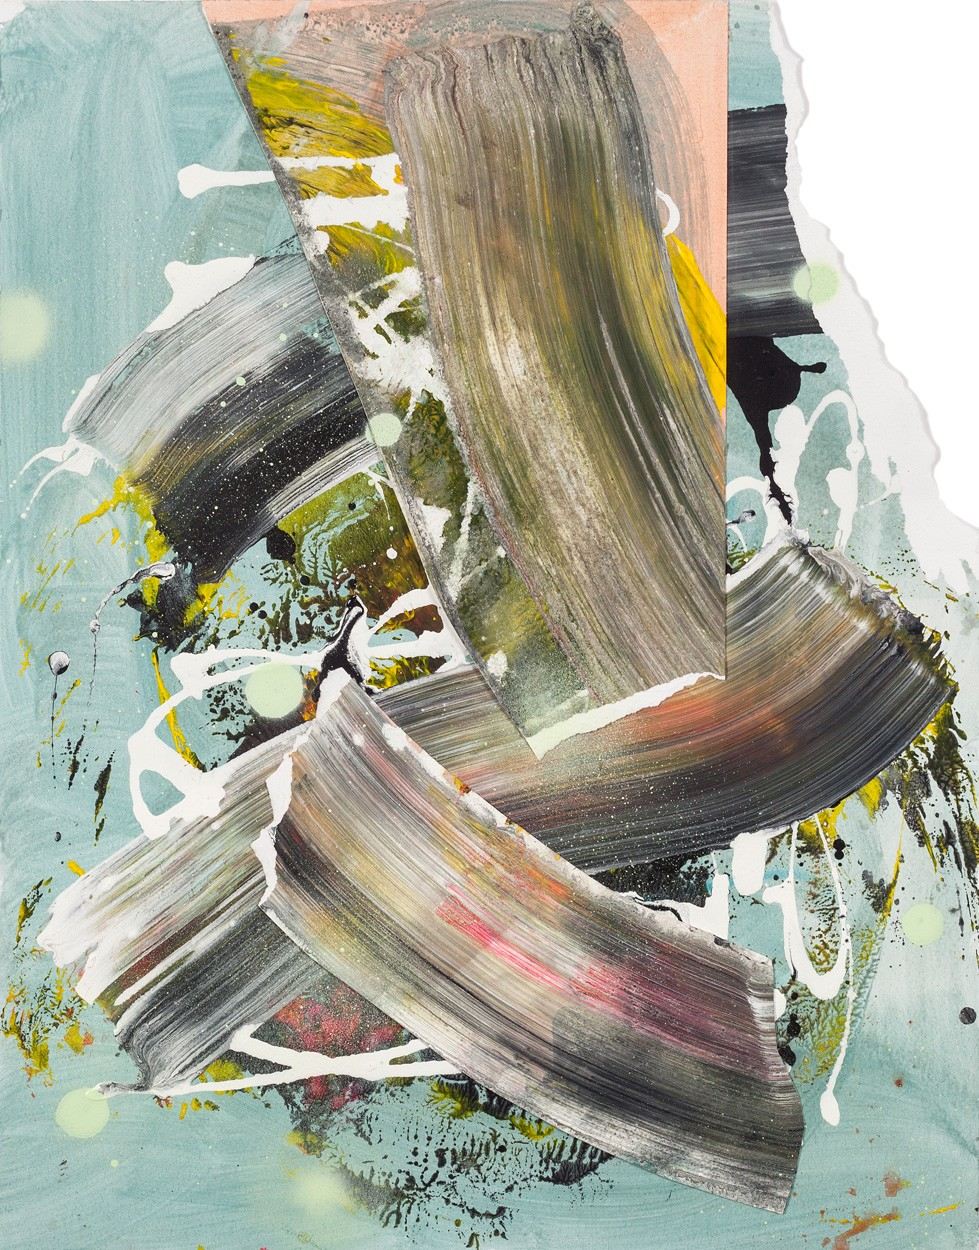 Zwischenräume_6.1 | Malerei von Malwin Faber